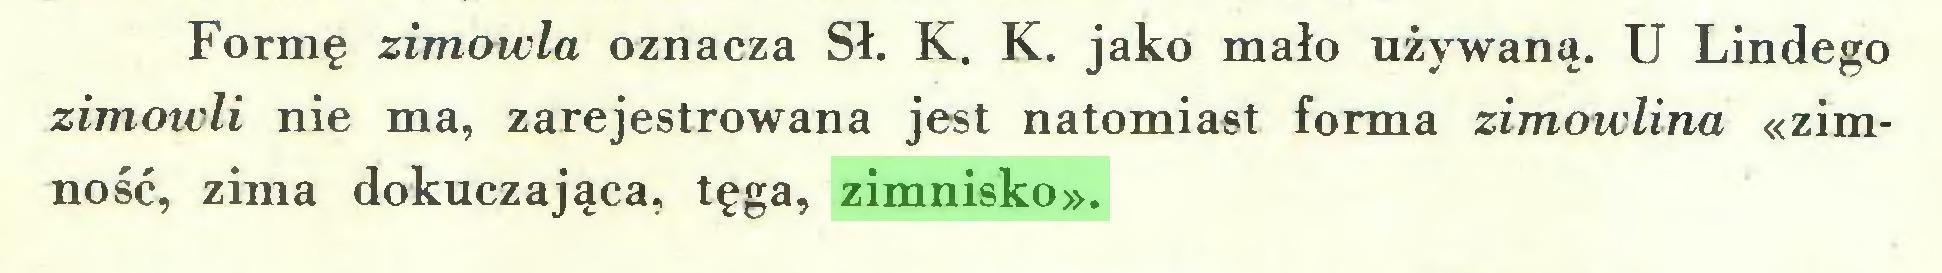 (...) Formę zimowla oznacza Sł. K. K. jako mało używaną. U Lindego zimowli nie ma, zarejestrowana jest natomiast forma zimowlina «zimność, zima dokuczająca, tęga, zimnisko»...